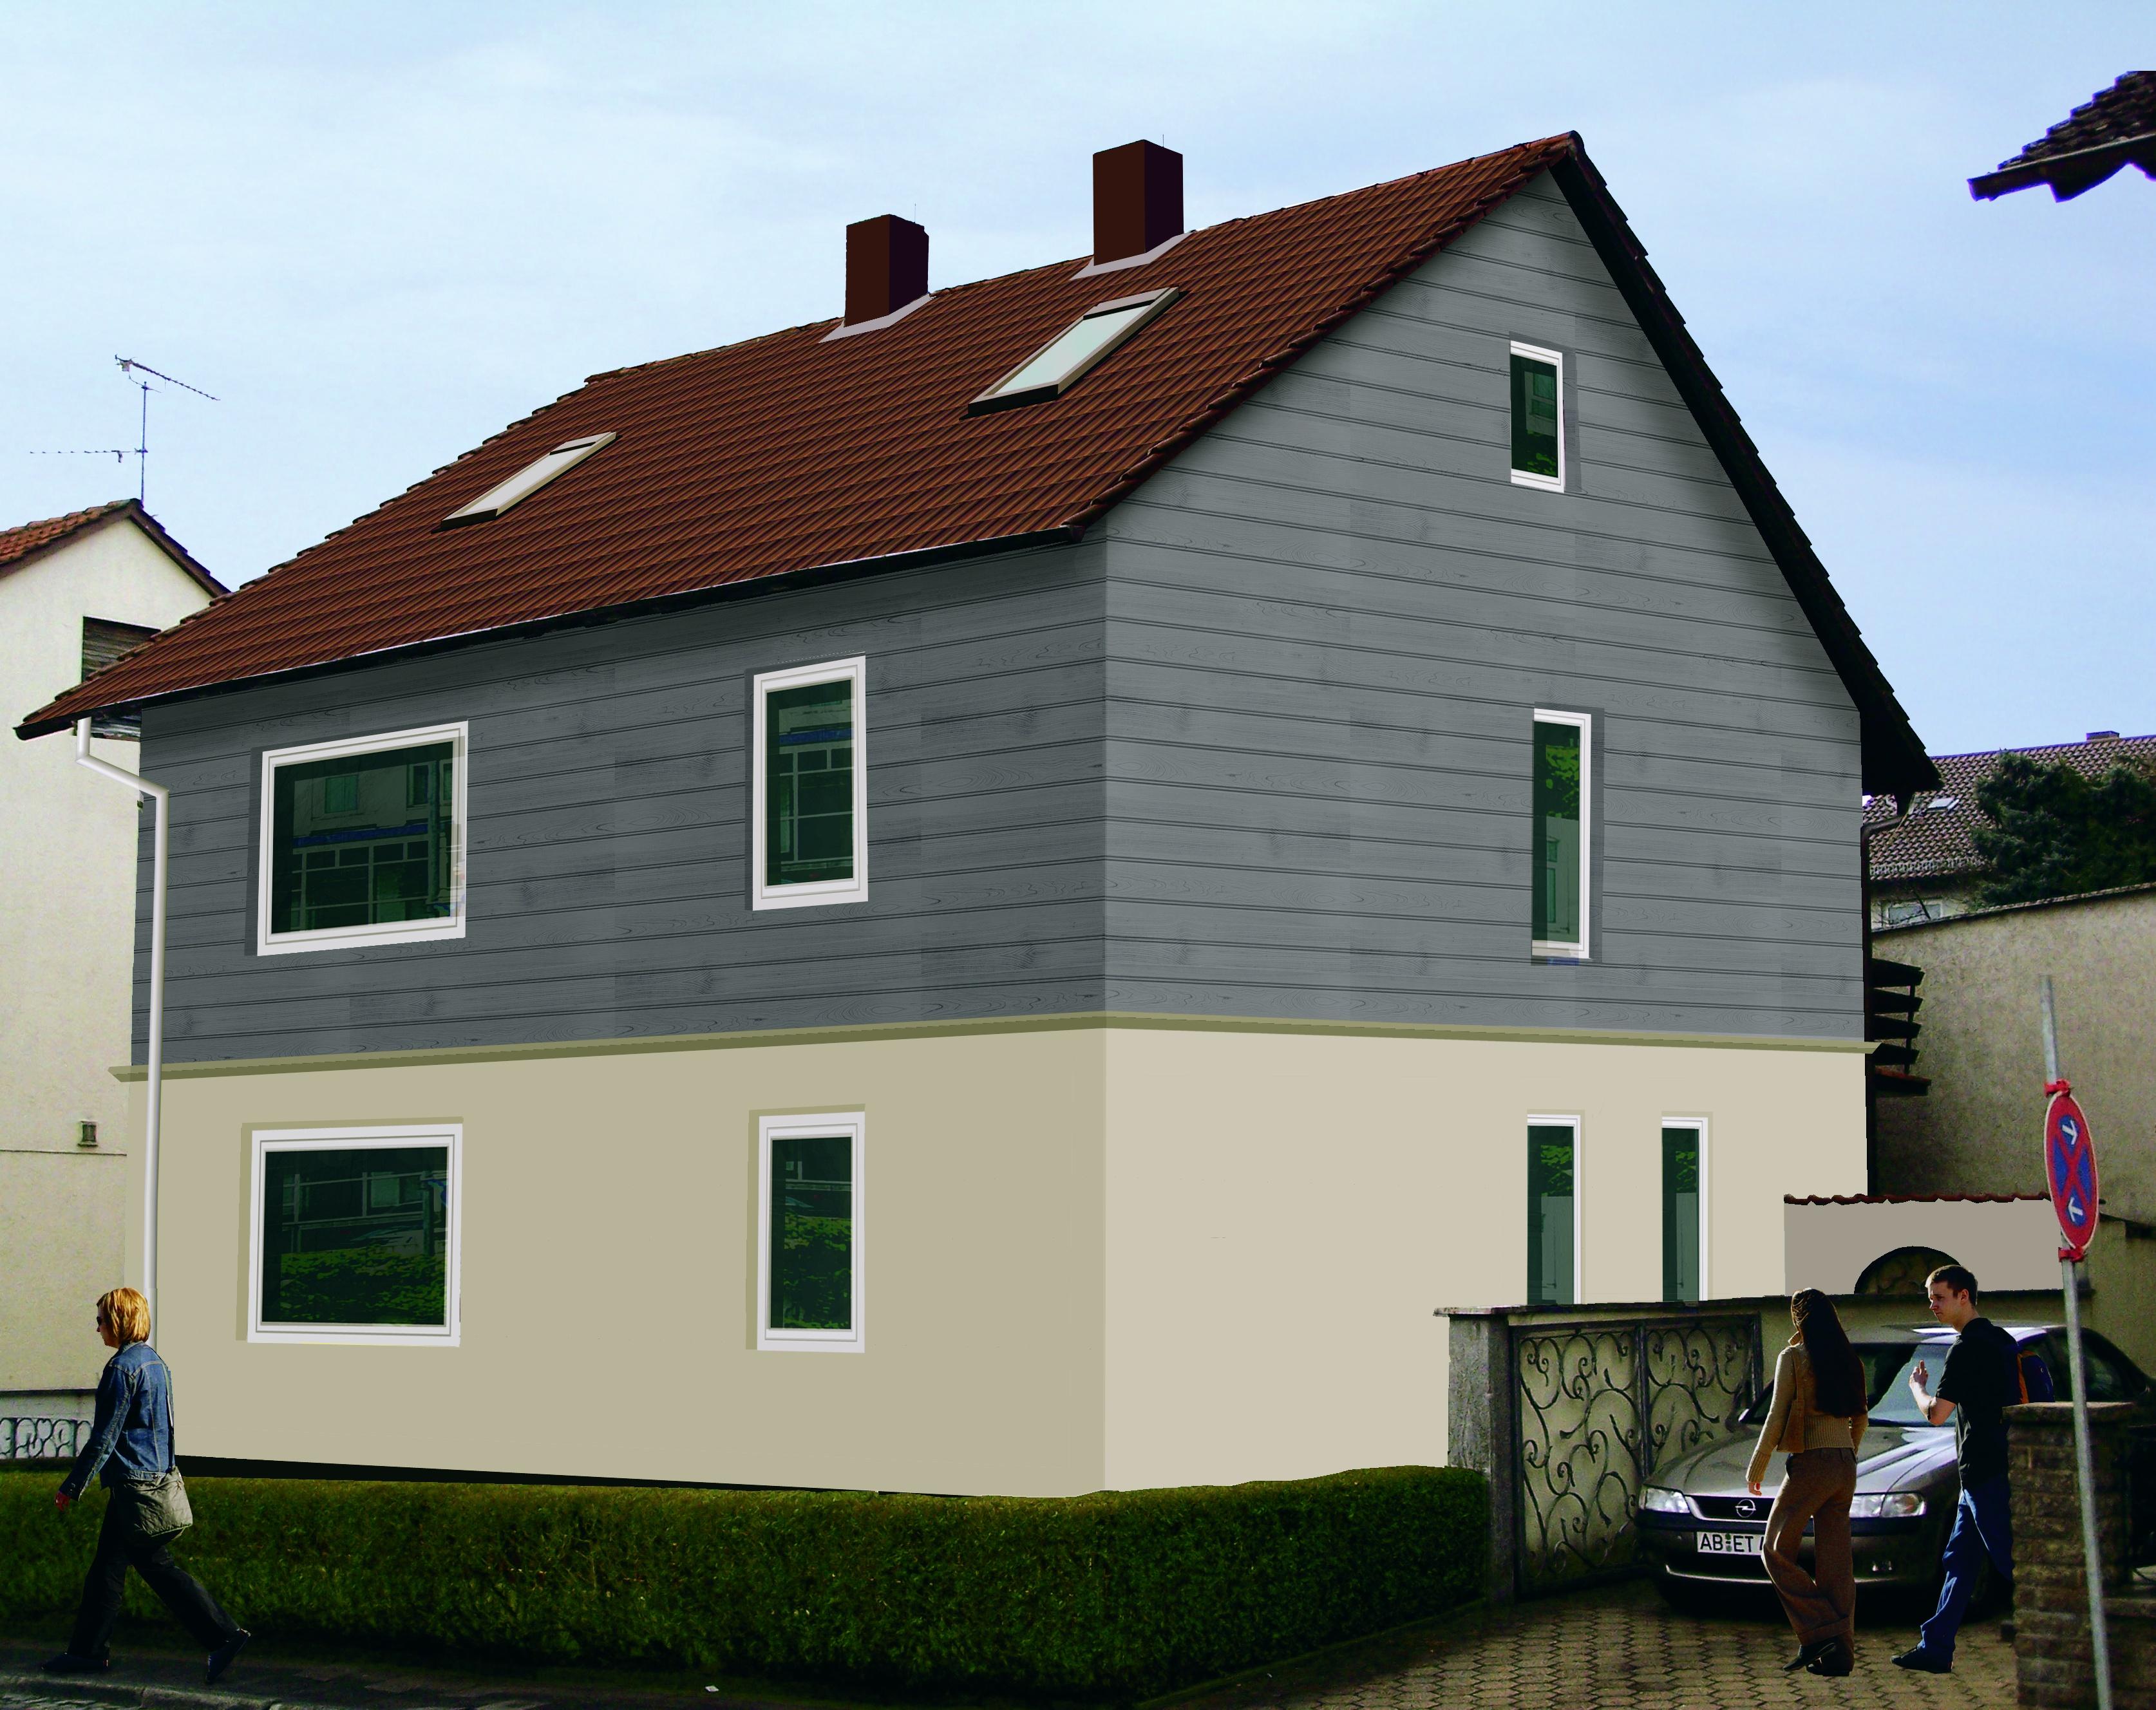 wdvs fassaden gestalterisch aufwerten caparol farben lacke bautenschutz gmbh pressemitteilung. Black Bedroom Furniture Sets. Home Design Ideas